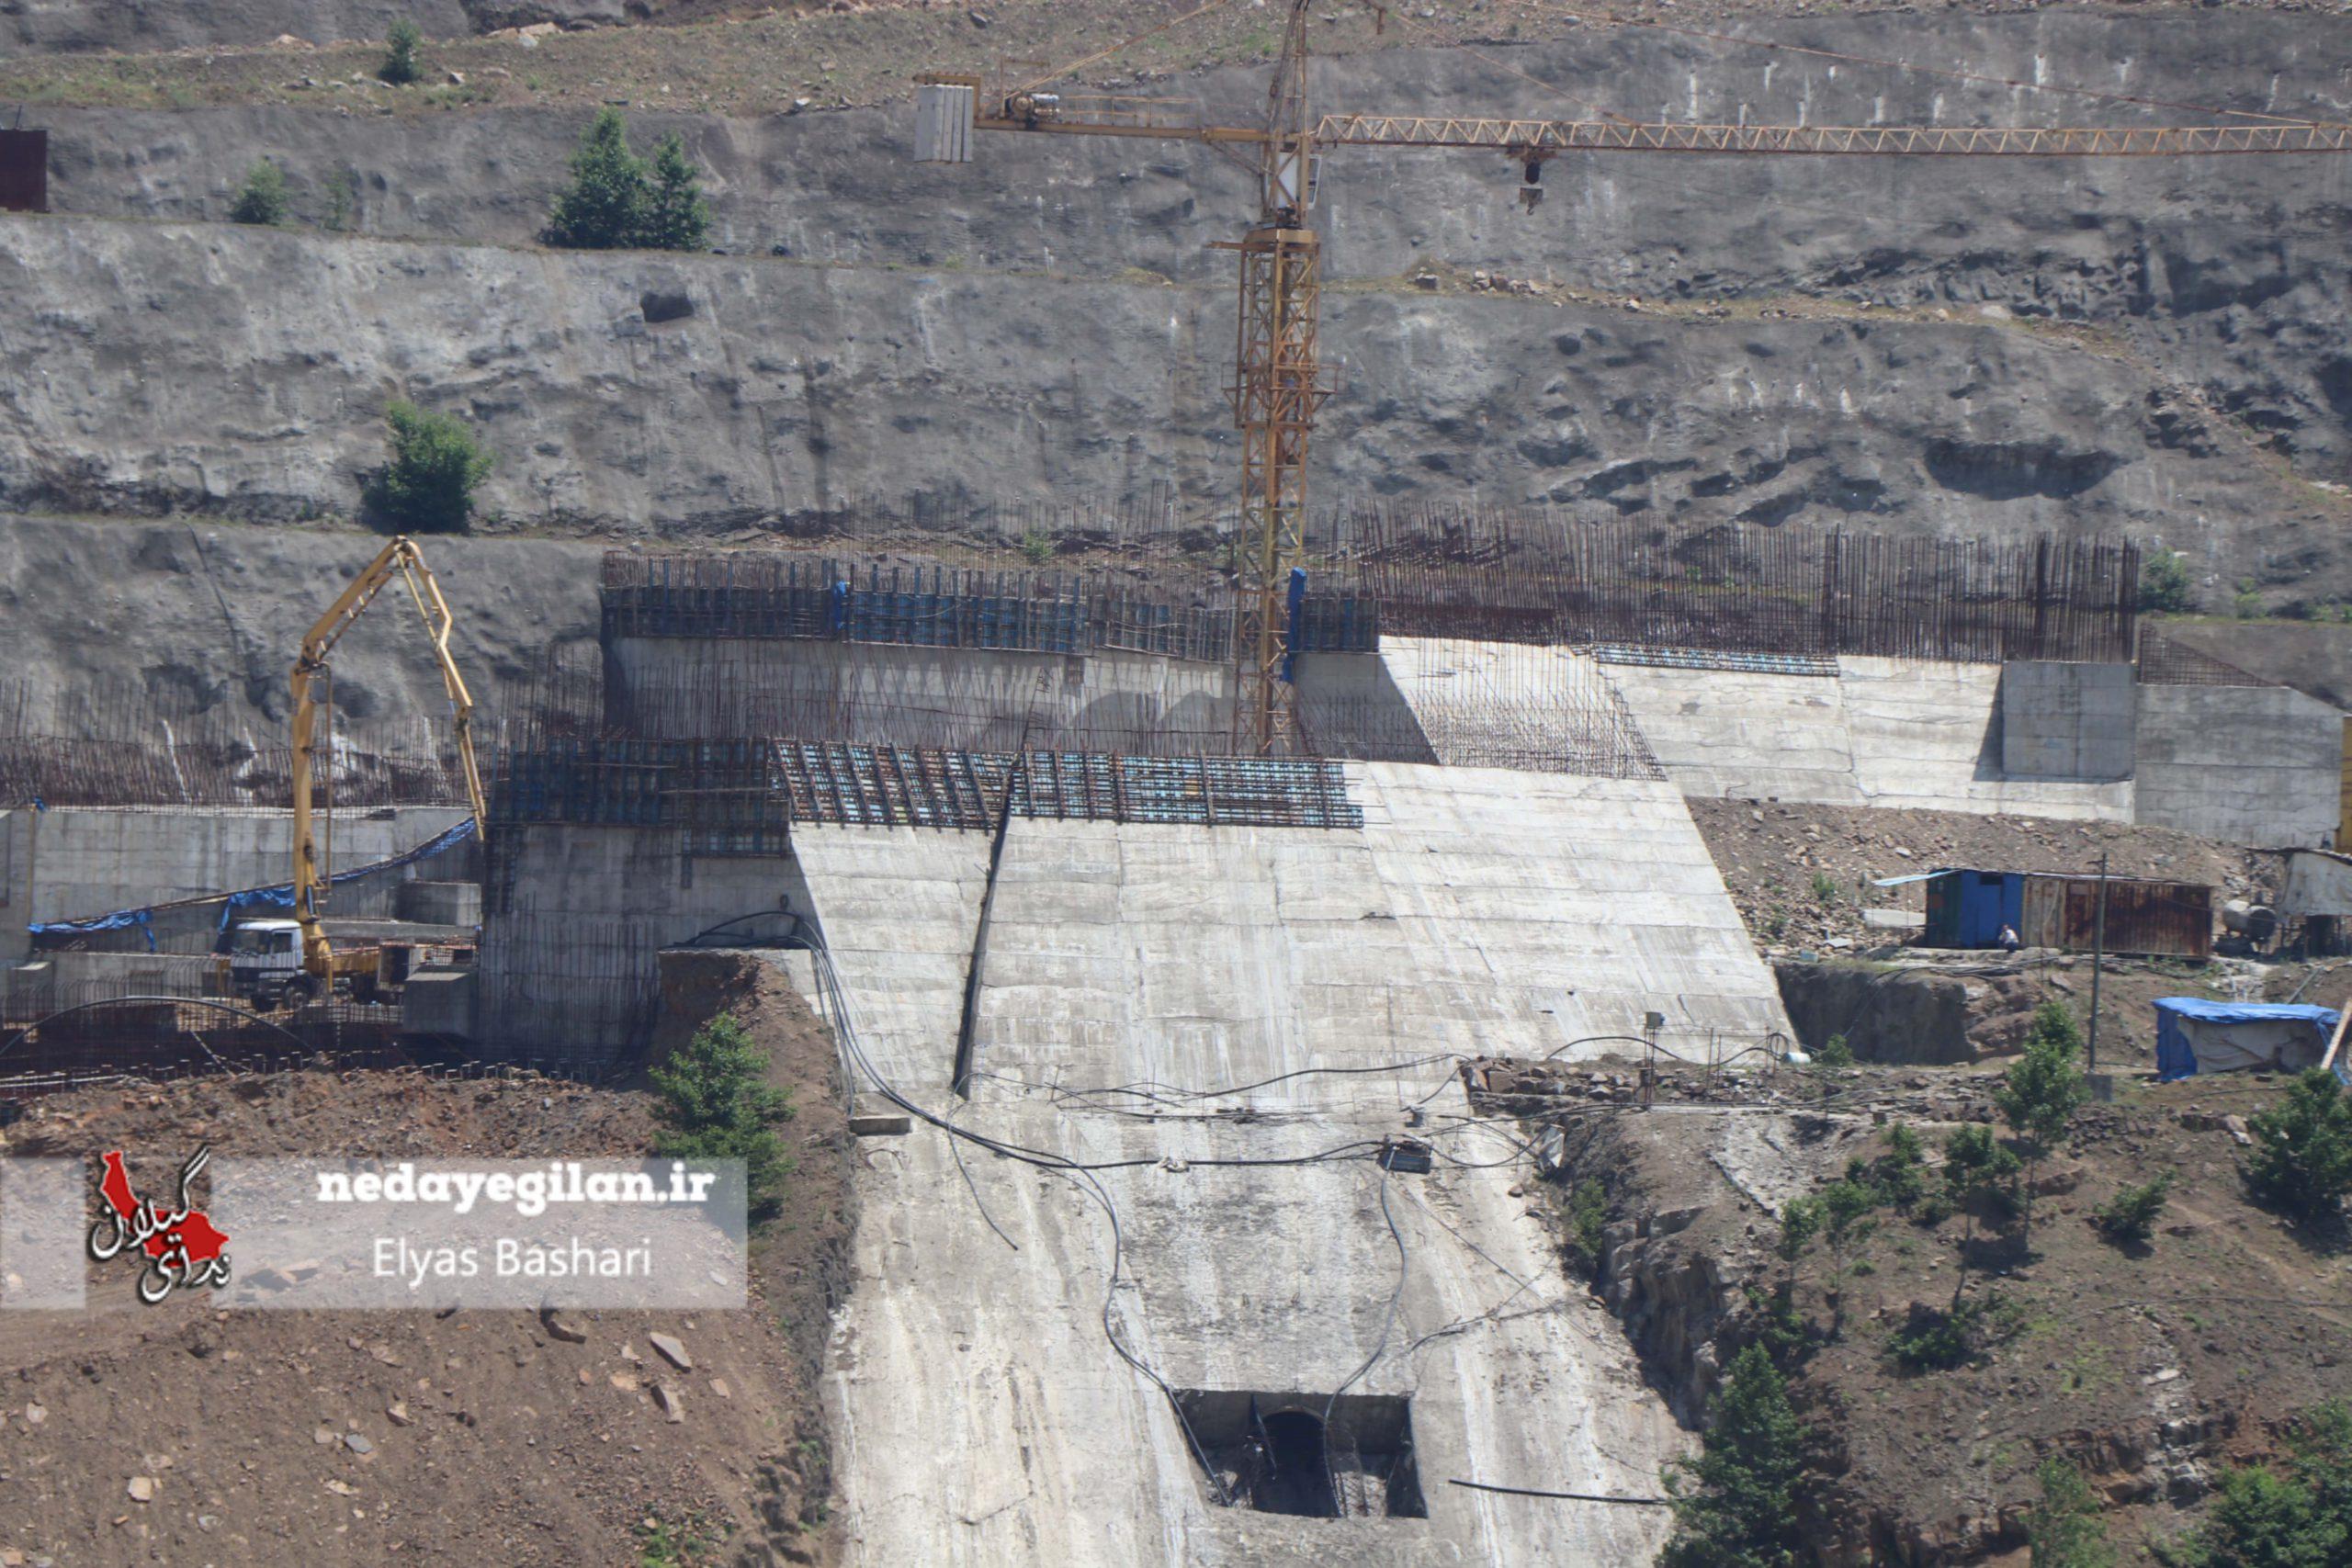 مضرات سد سازی در گیلان خیلی کمتر از منافع آن است/سد پلرود به پیشرفت ۷۵ درصدی رسید